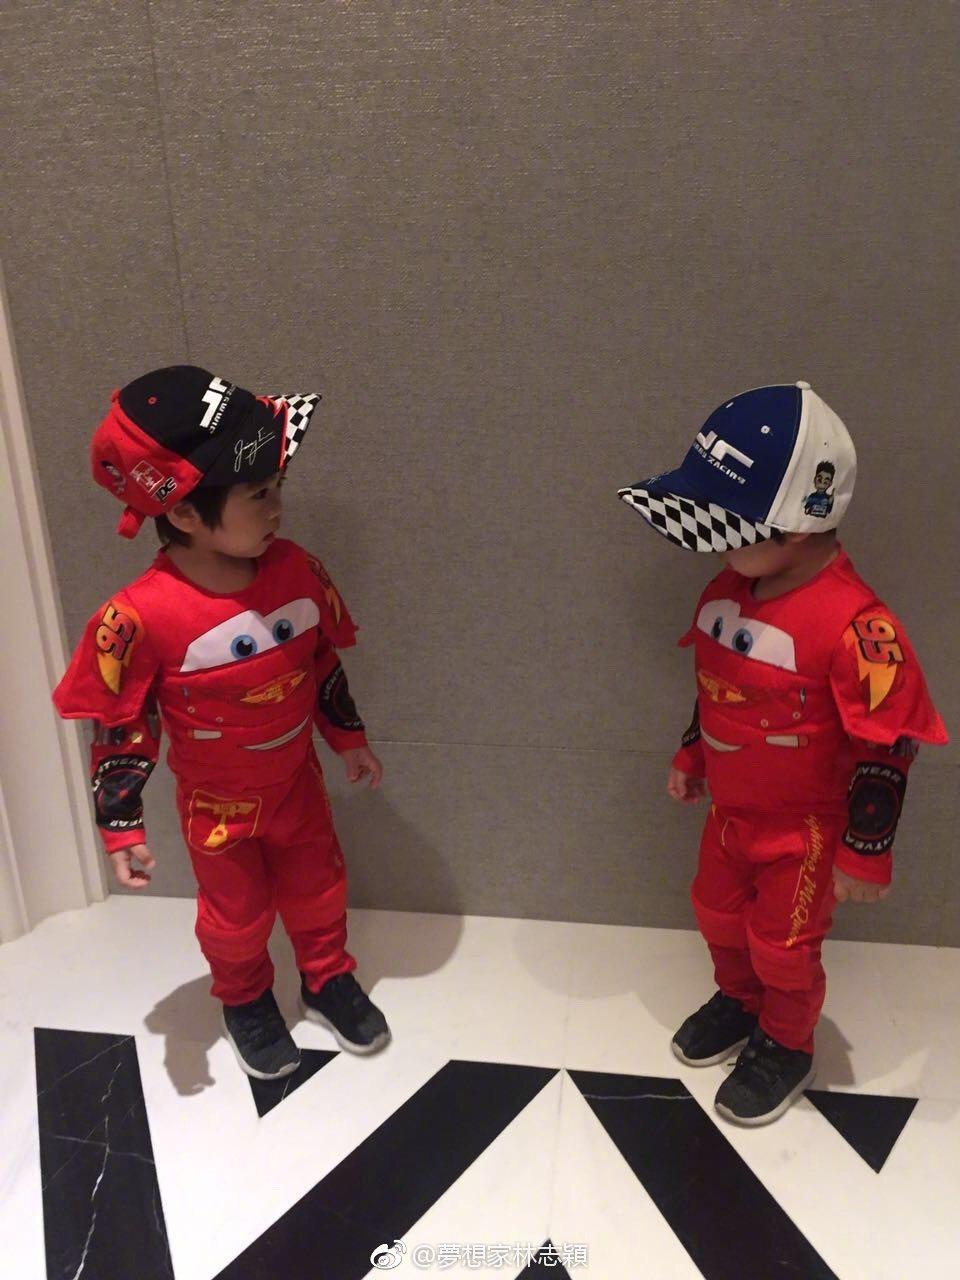 萬聖節不跟風,林志穎把雙胞胎兒子們裝扮成賽車手。 圖/擷自微博。